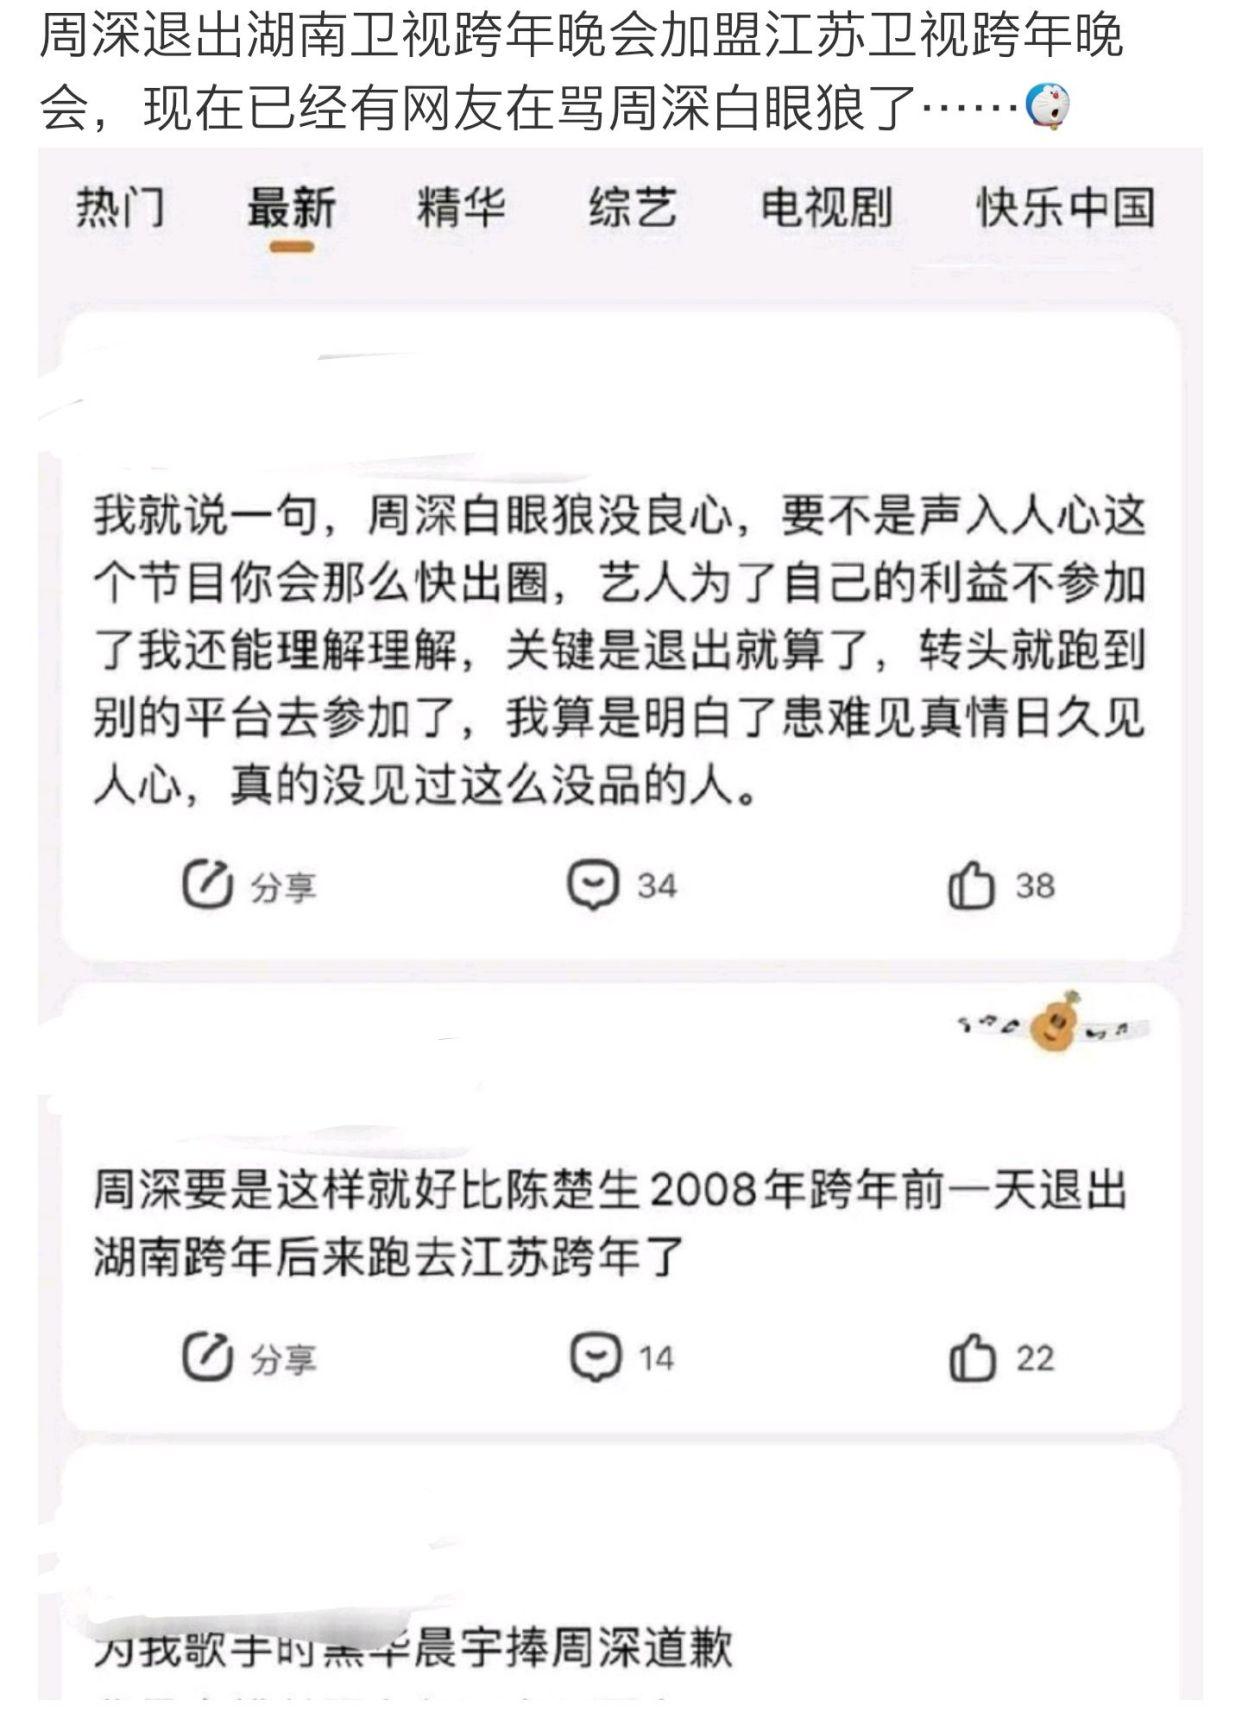 先官宣加盟后又删除微博,湖南卫视这波操作,害周深被网友骂了